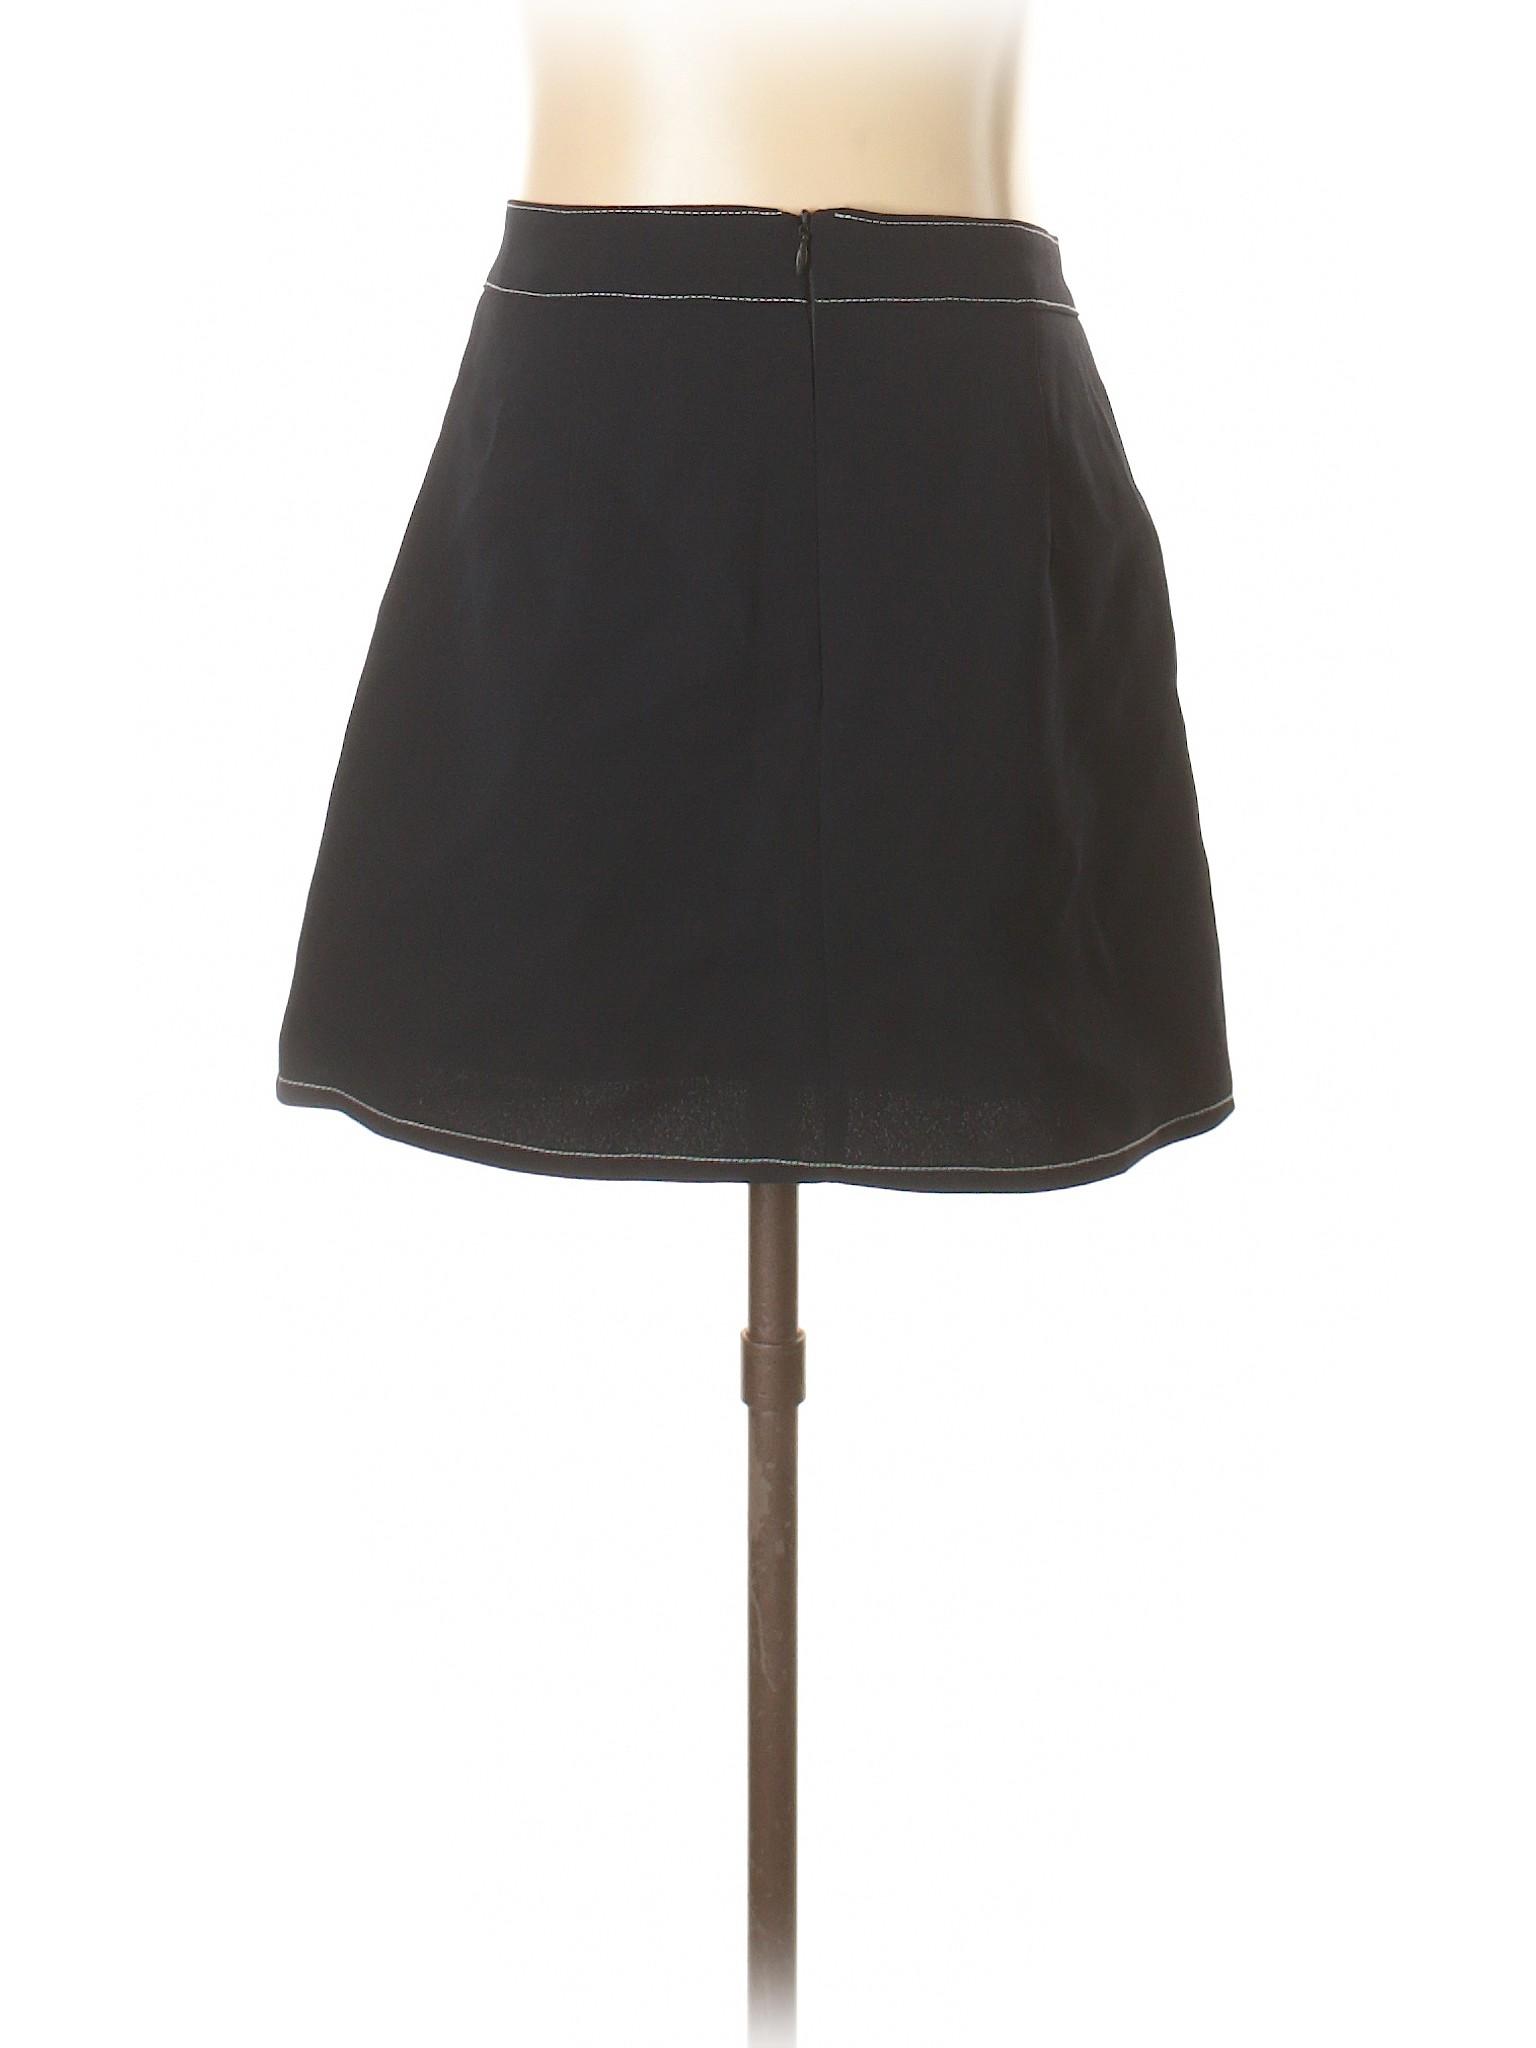 Casual Boutique Boutique Boutique Casual Skirt Skirt 4ZPExqHBw